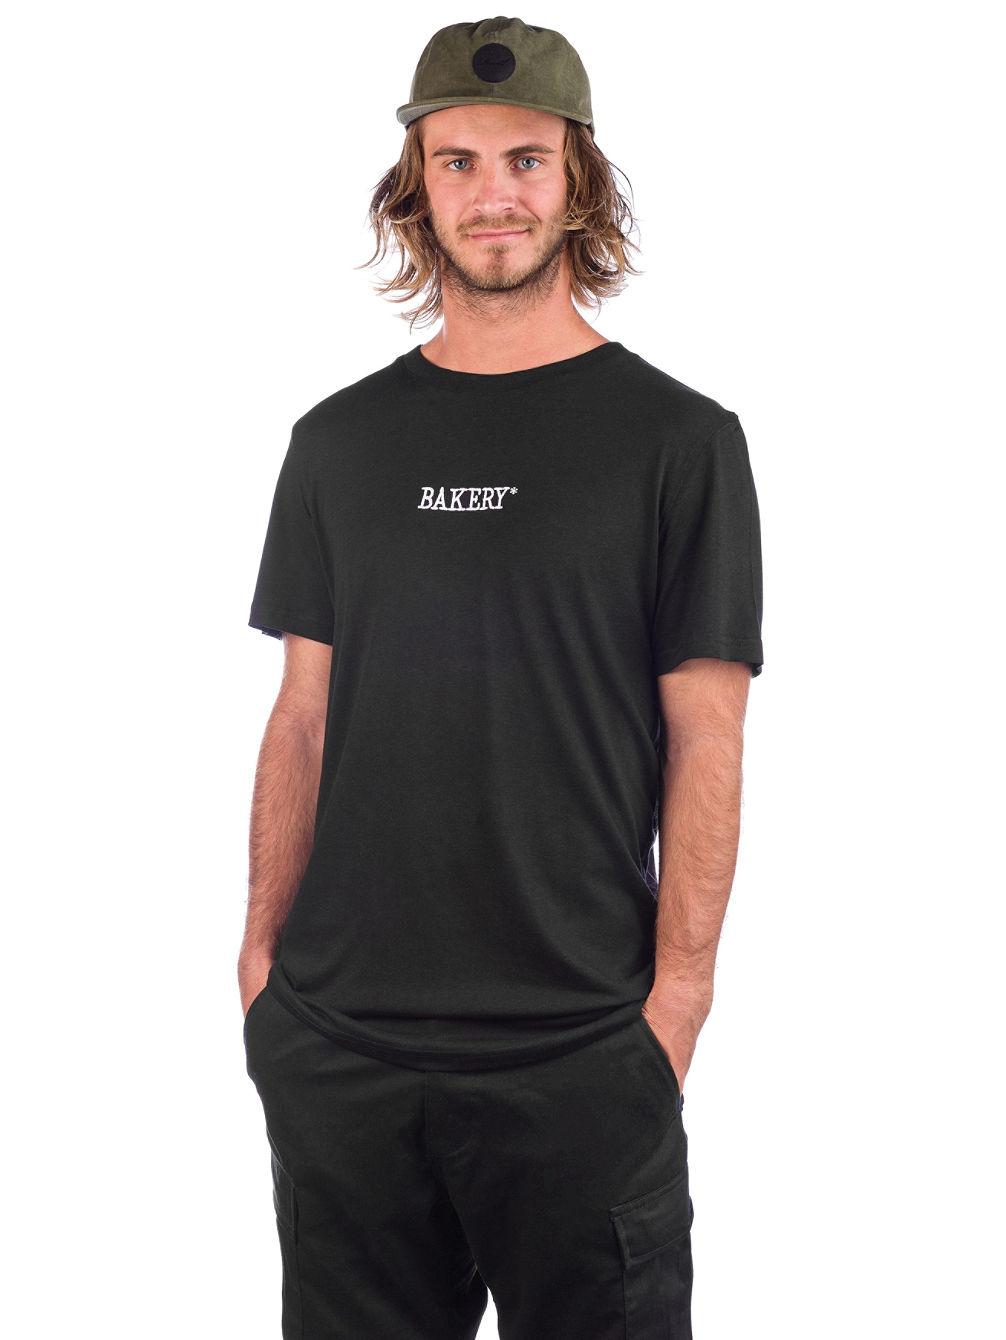 Achat The Bakery Classic T-shirt En Ligne